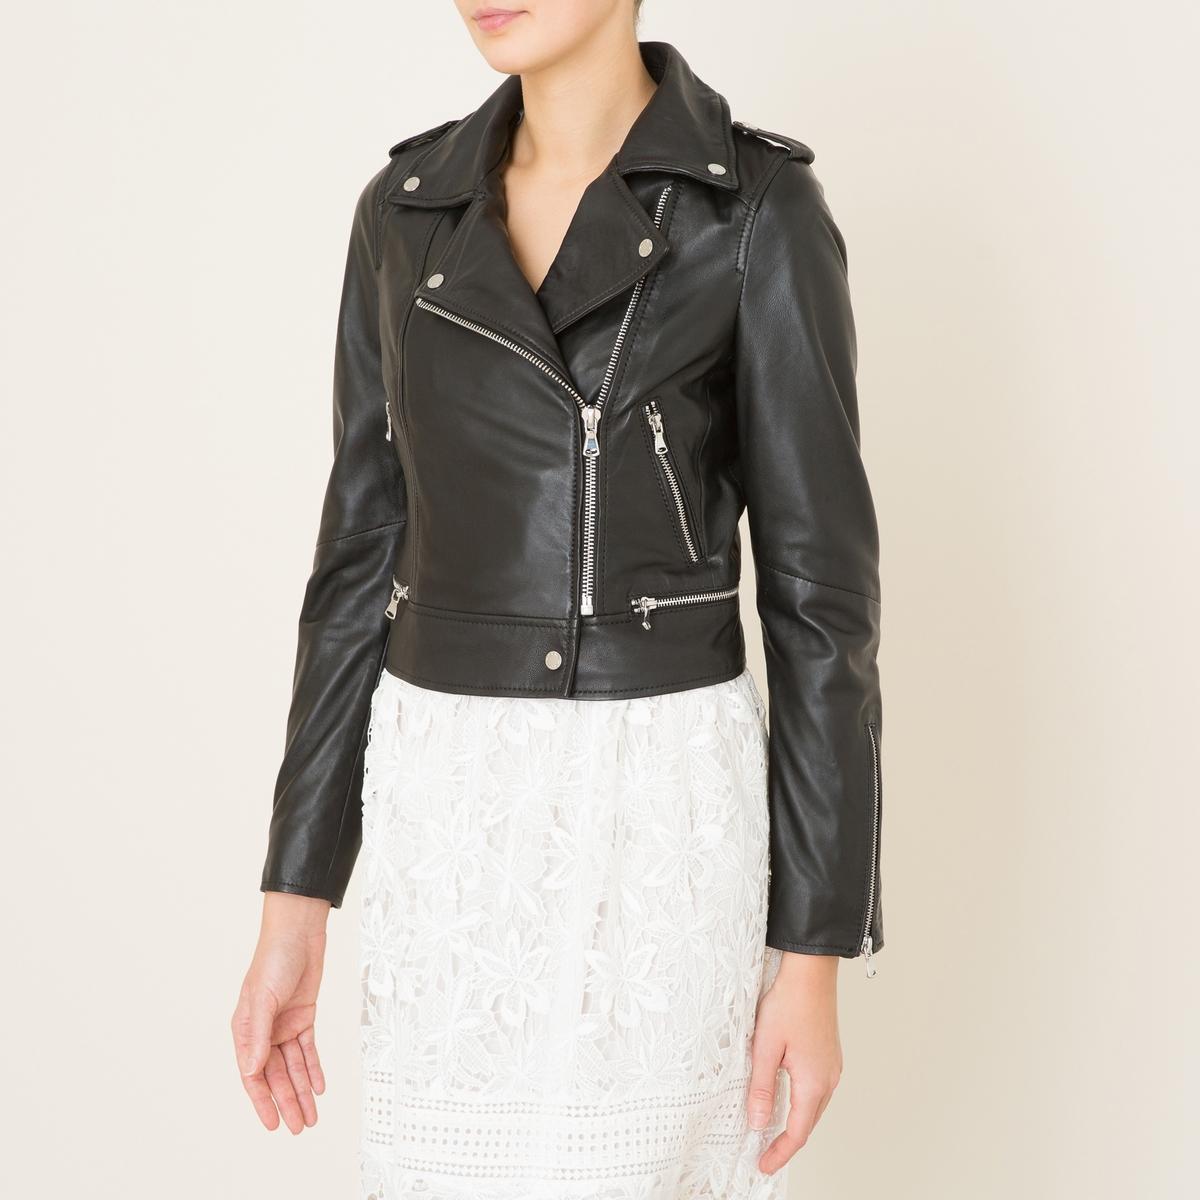 Блузон короткий в байкерском стиле YOKO пальто в байкерском стиле oasis пальто в байкерском стиле